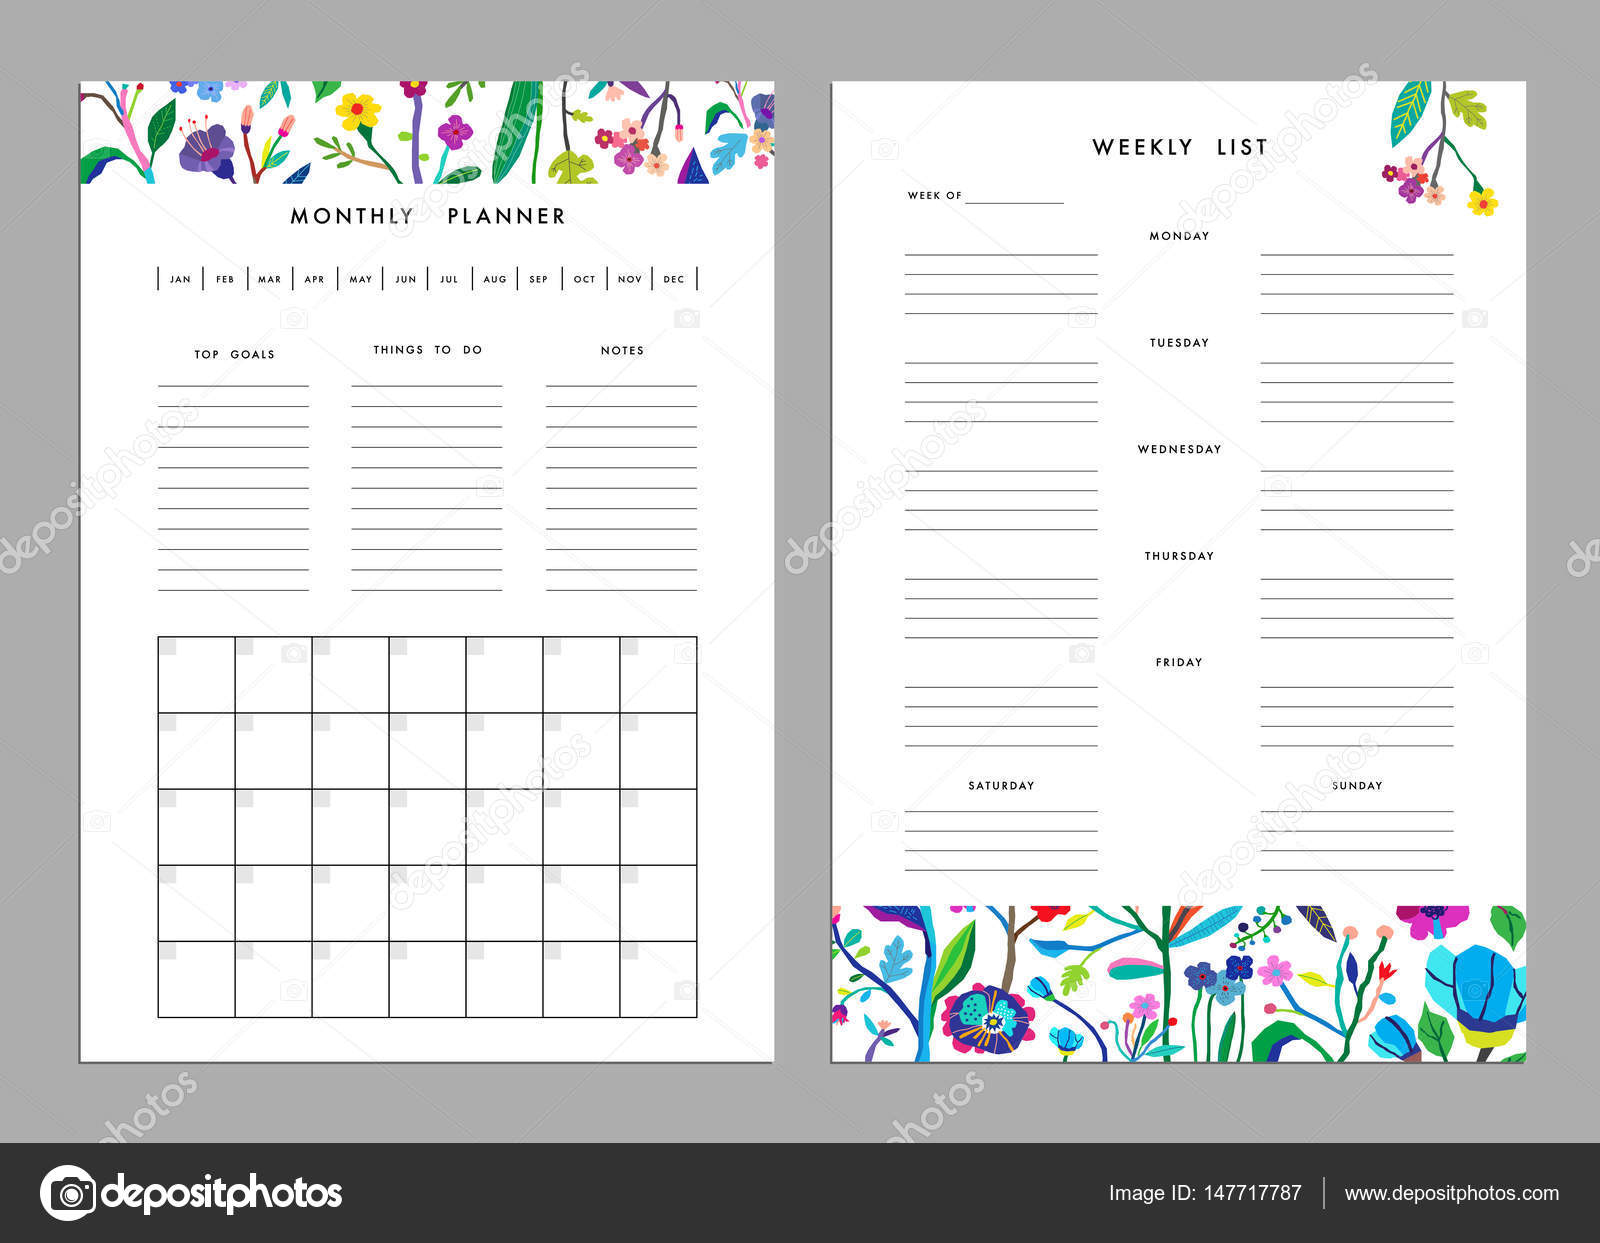 Plantillas de lista de planificador y semanal mensuales — Archivo ...